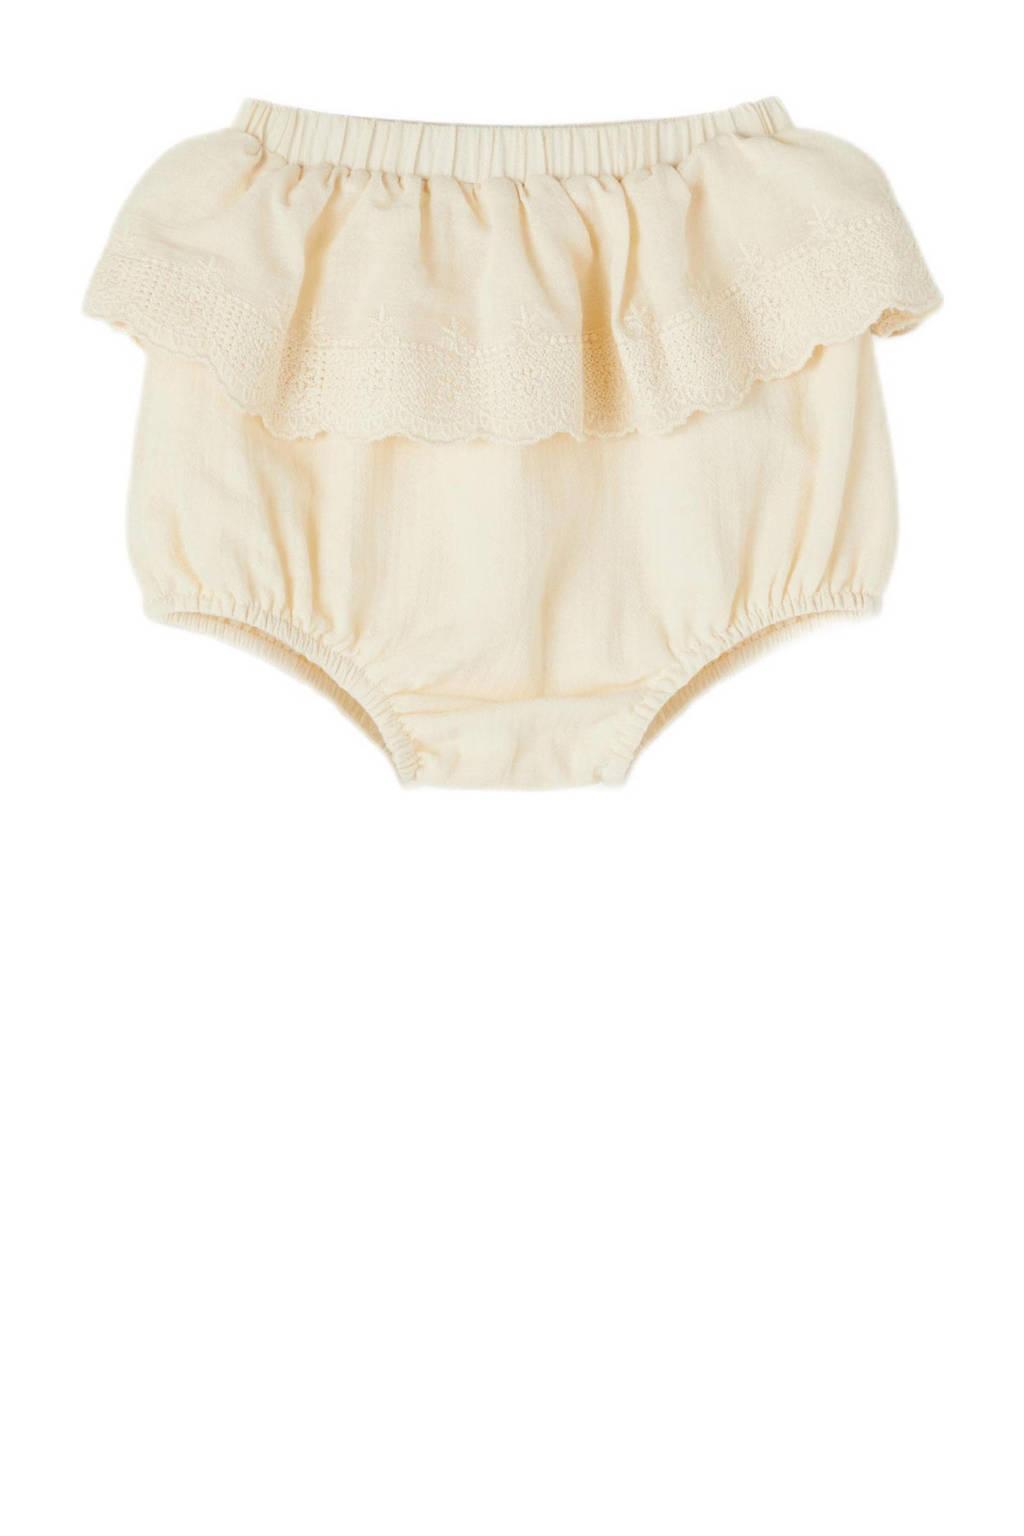 LIL' ATELIER BABY baby short Solange van biologisch katoen creme, Creme